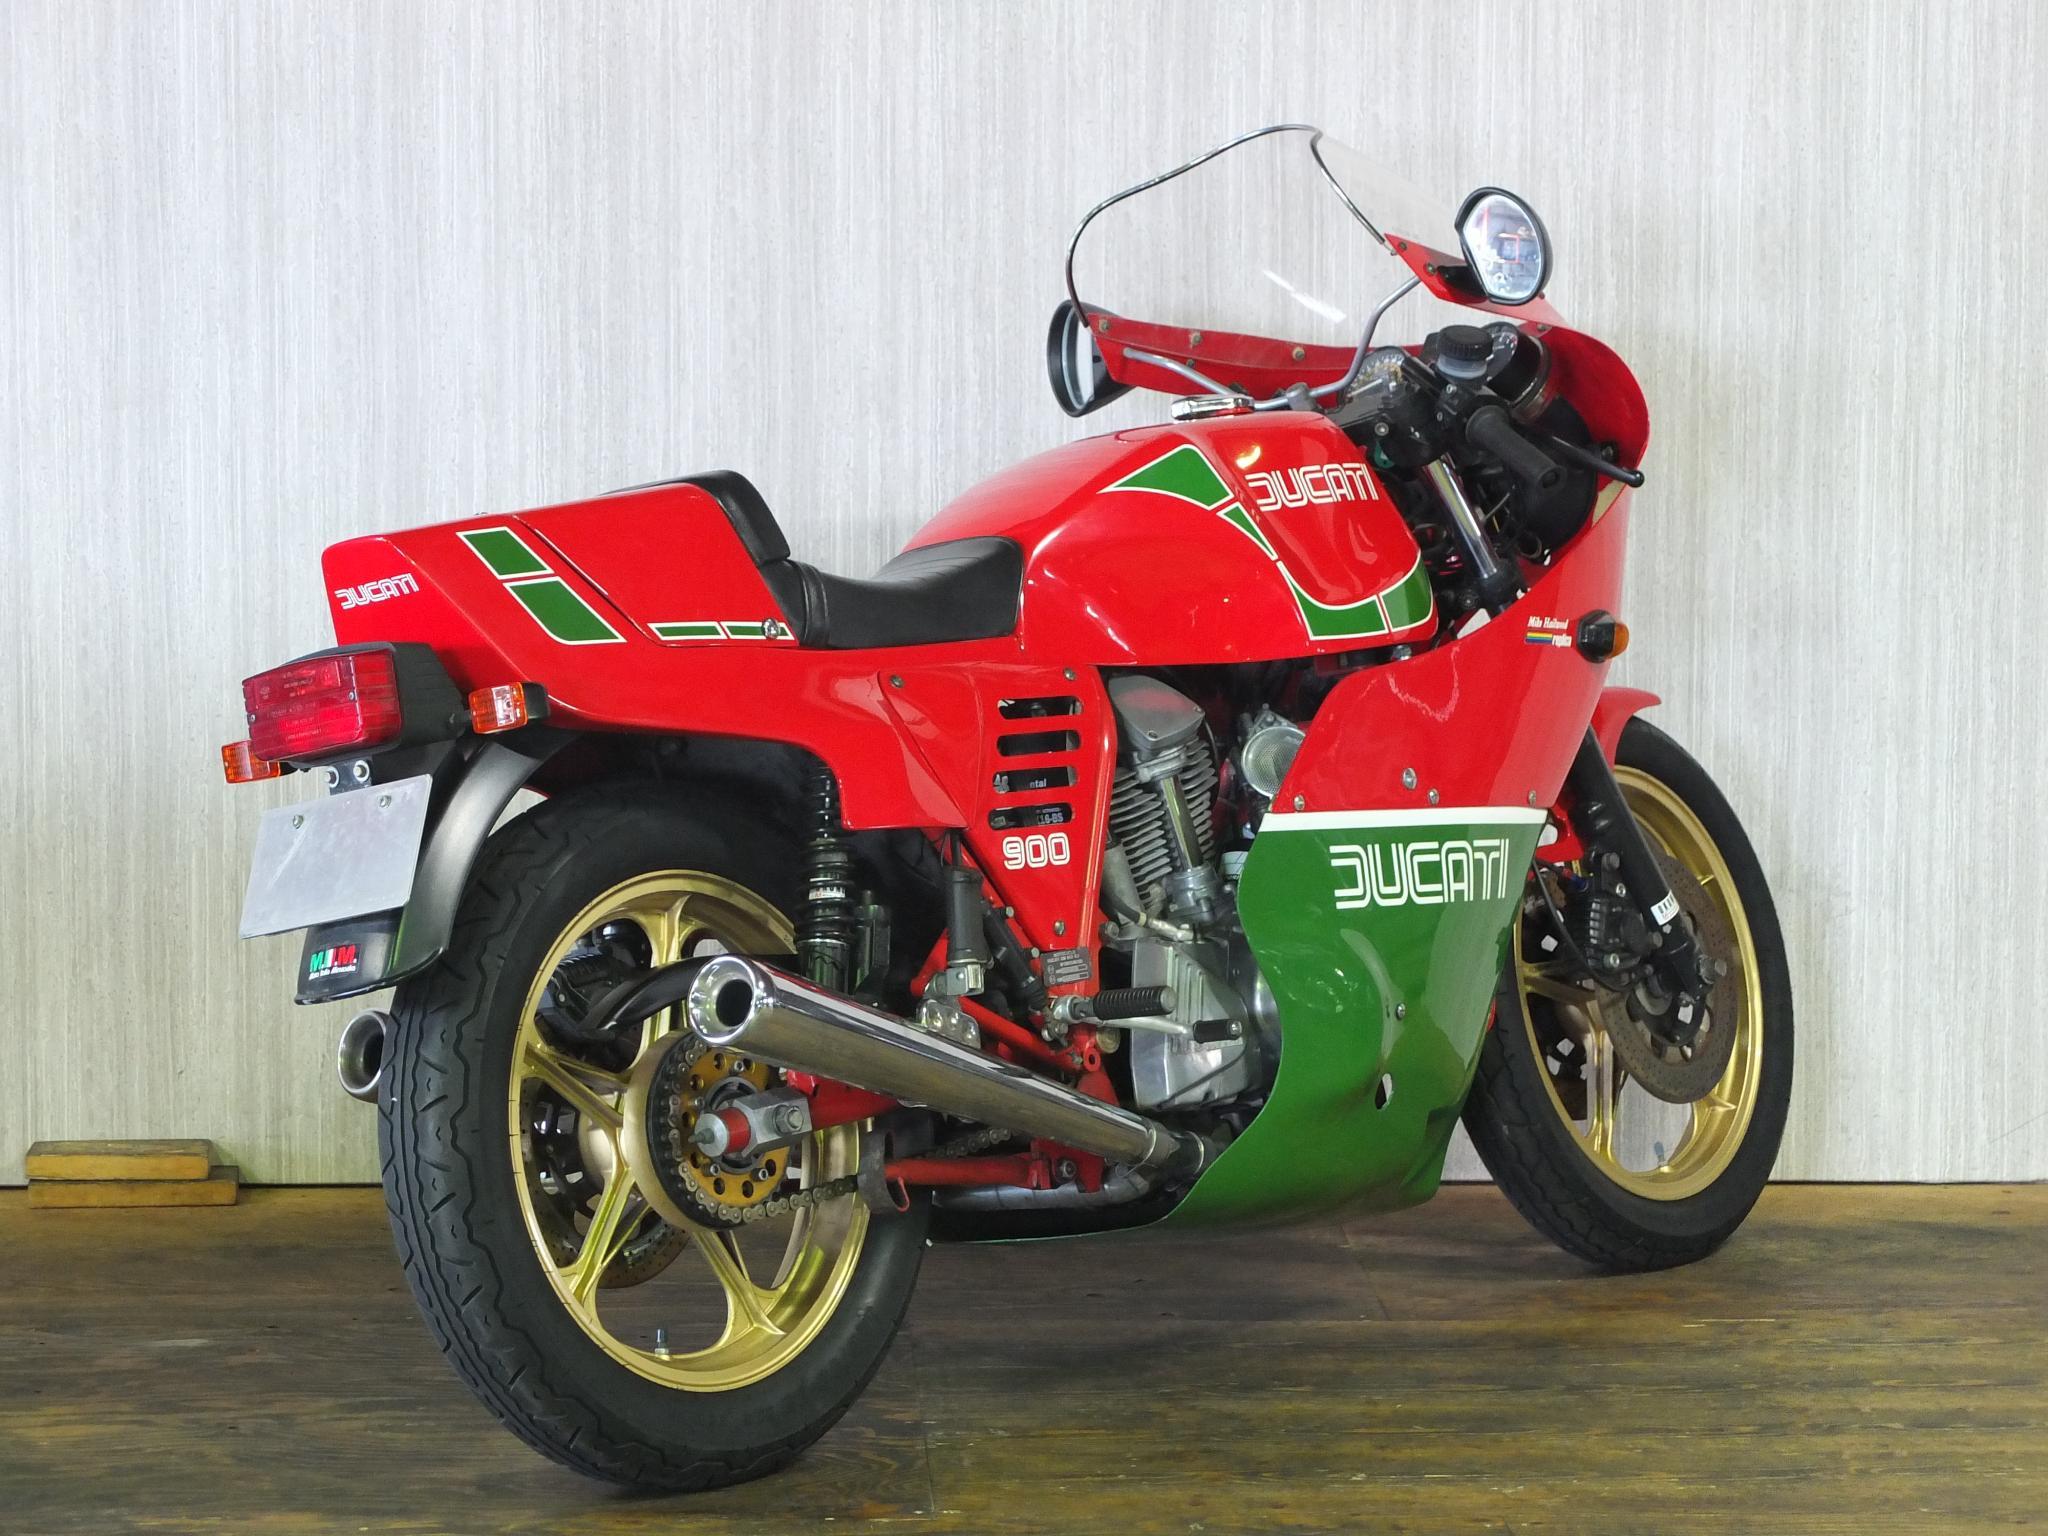 ドゥカティ 1983 Ducati MHR 900 R1 車体写真3